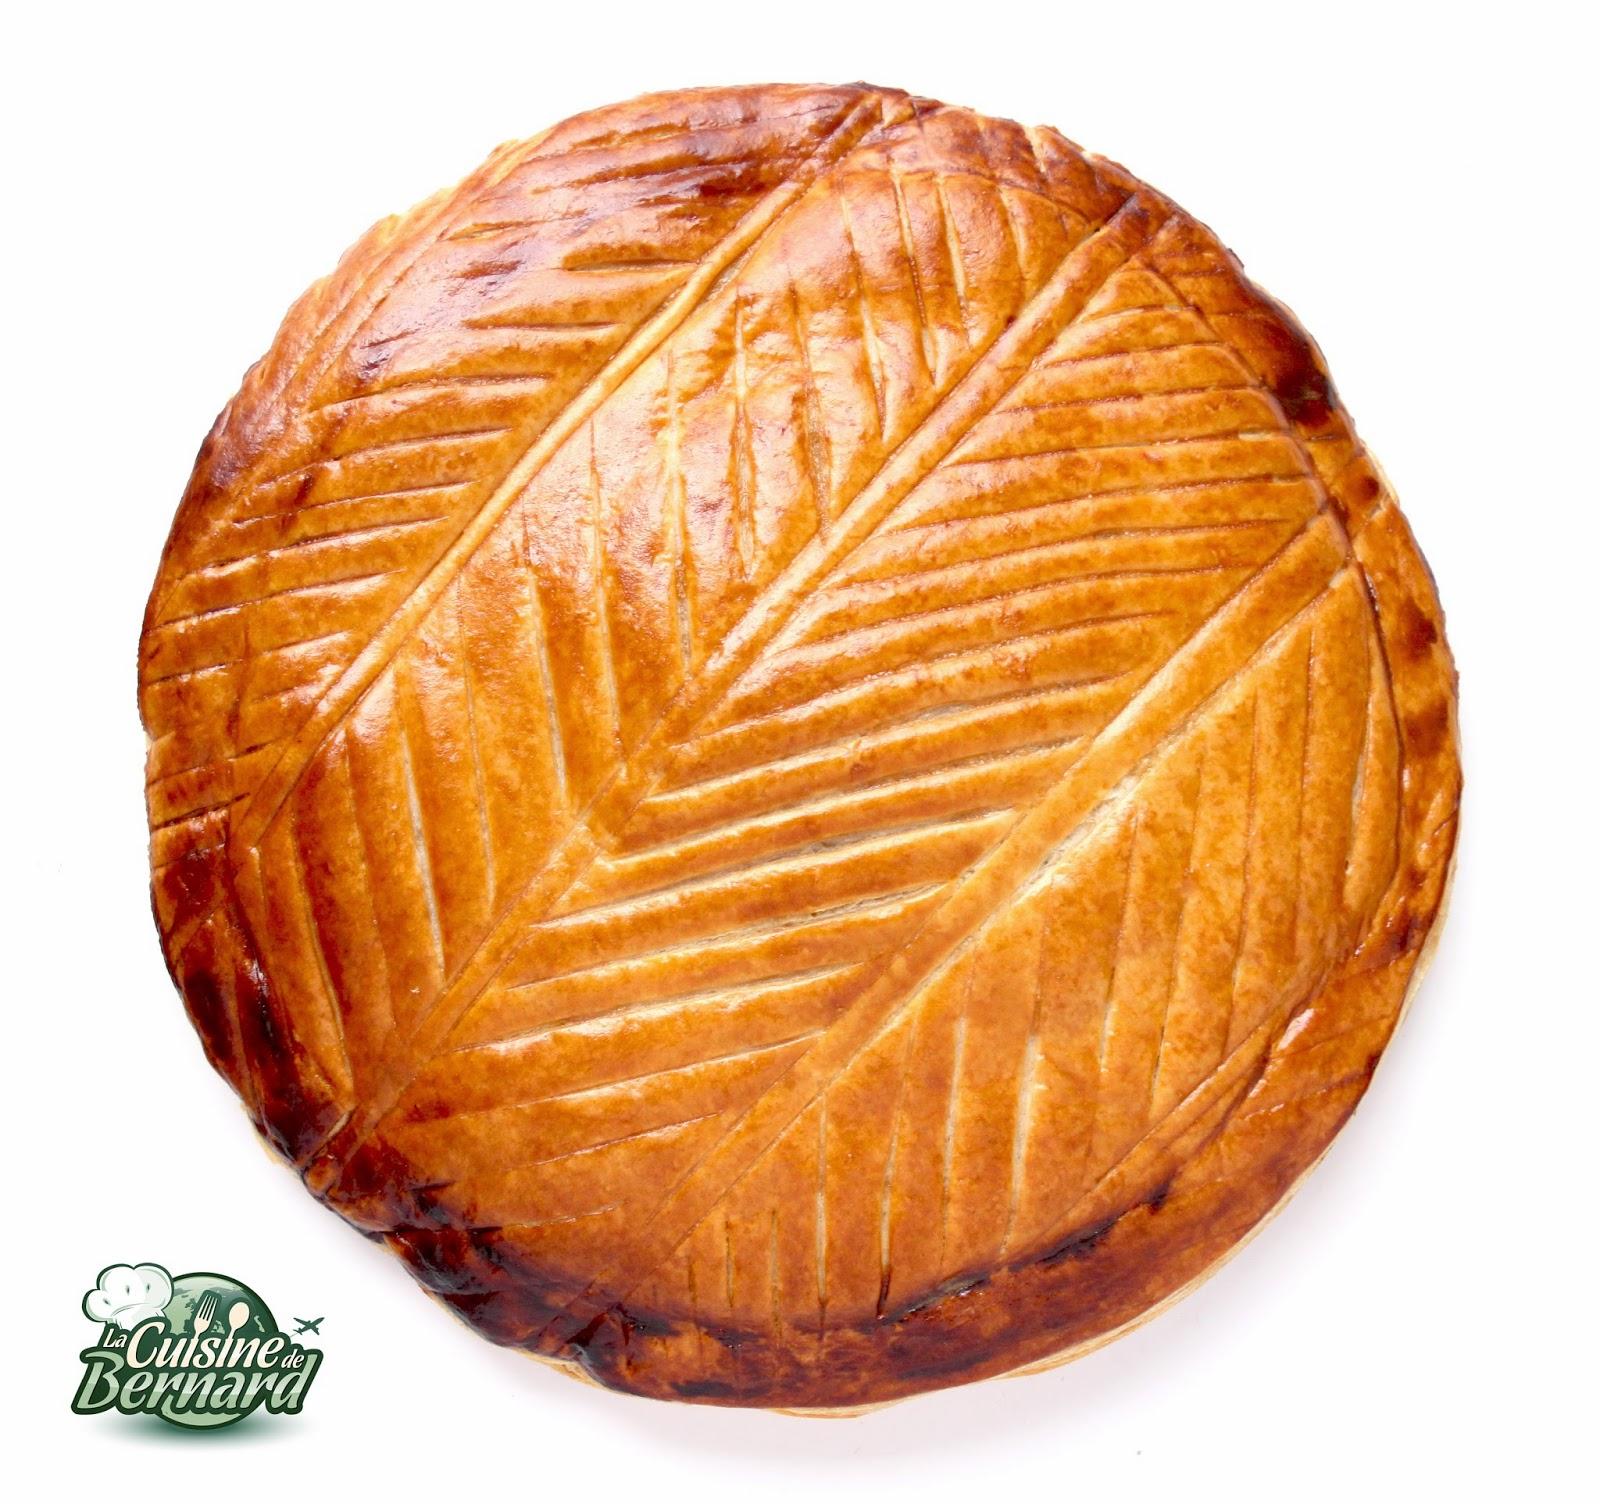 La cuisine de bernard galette des rois pistache kirsch - Galette des rois decoration ...